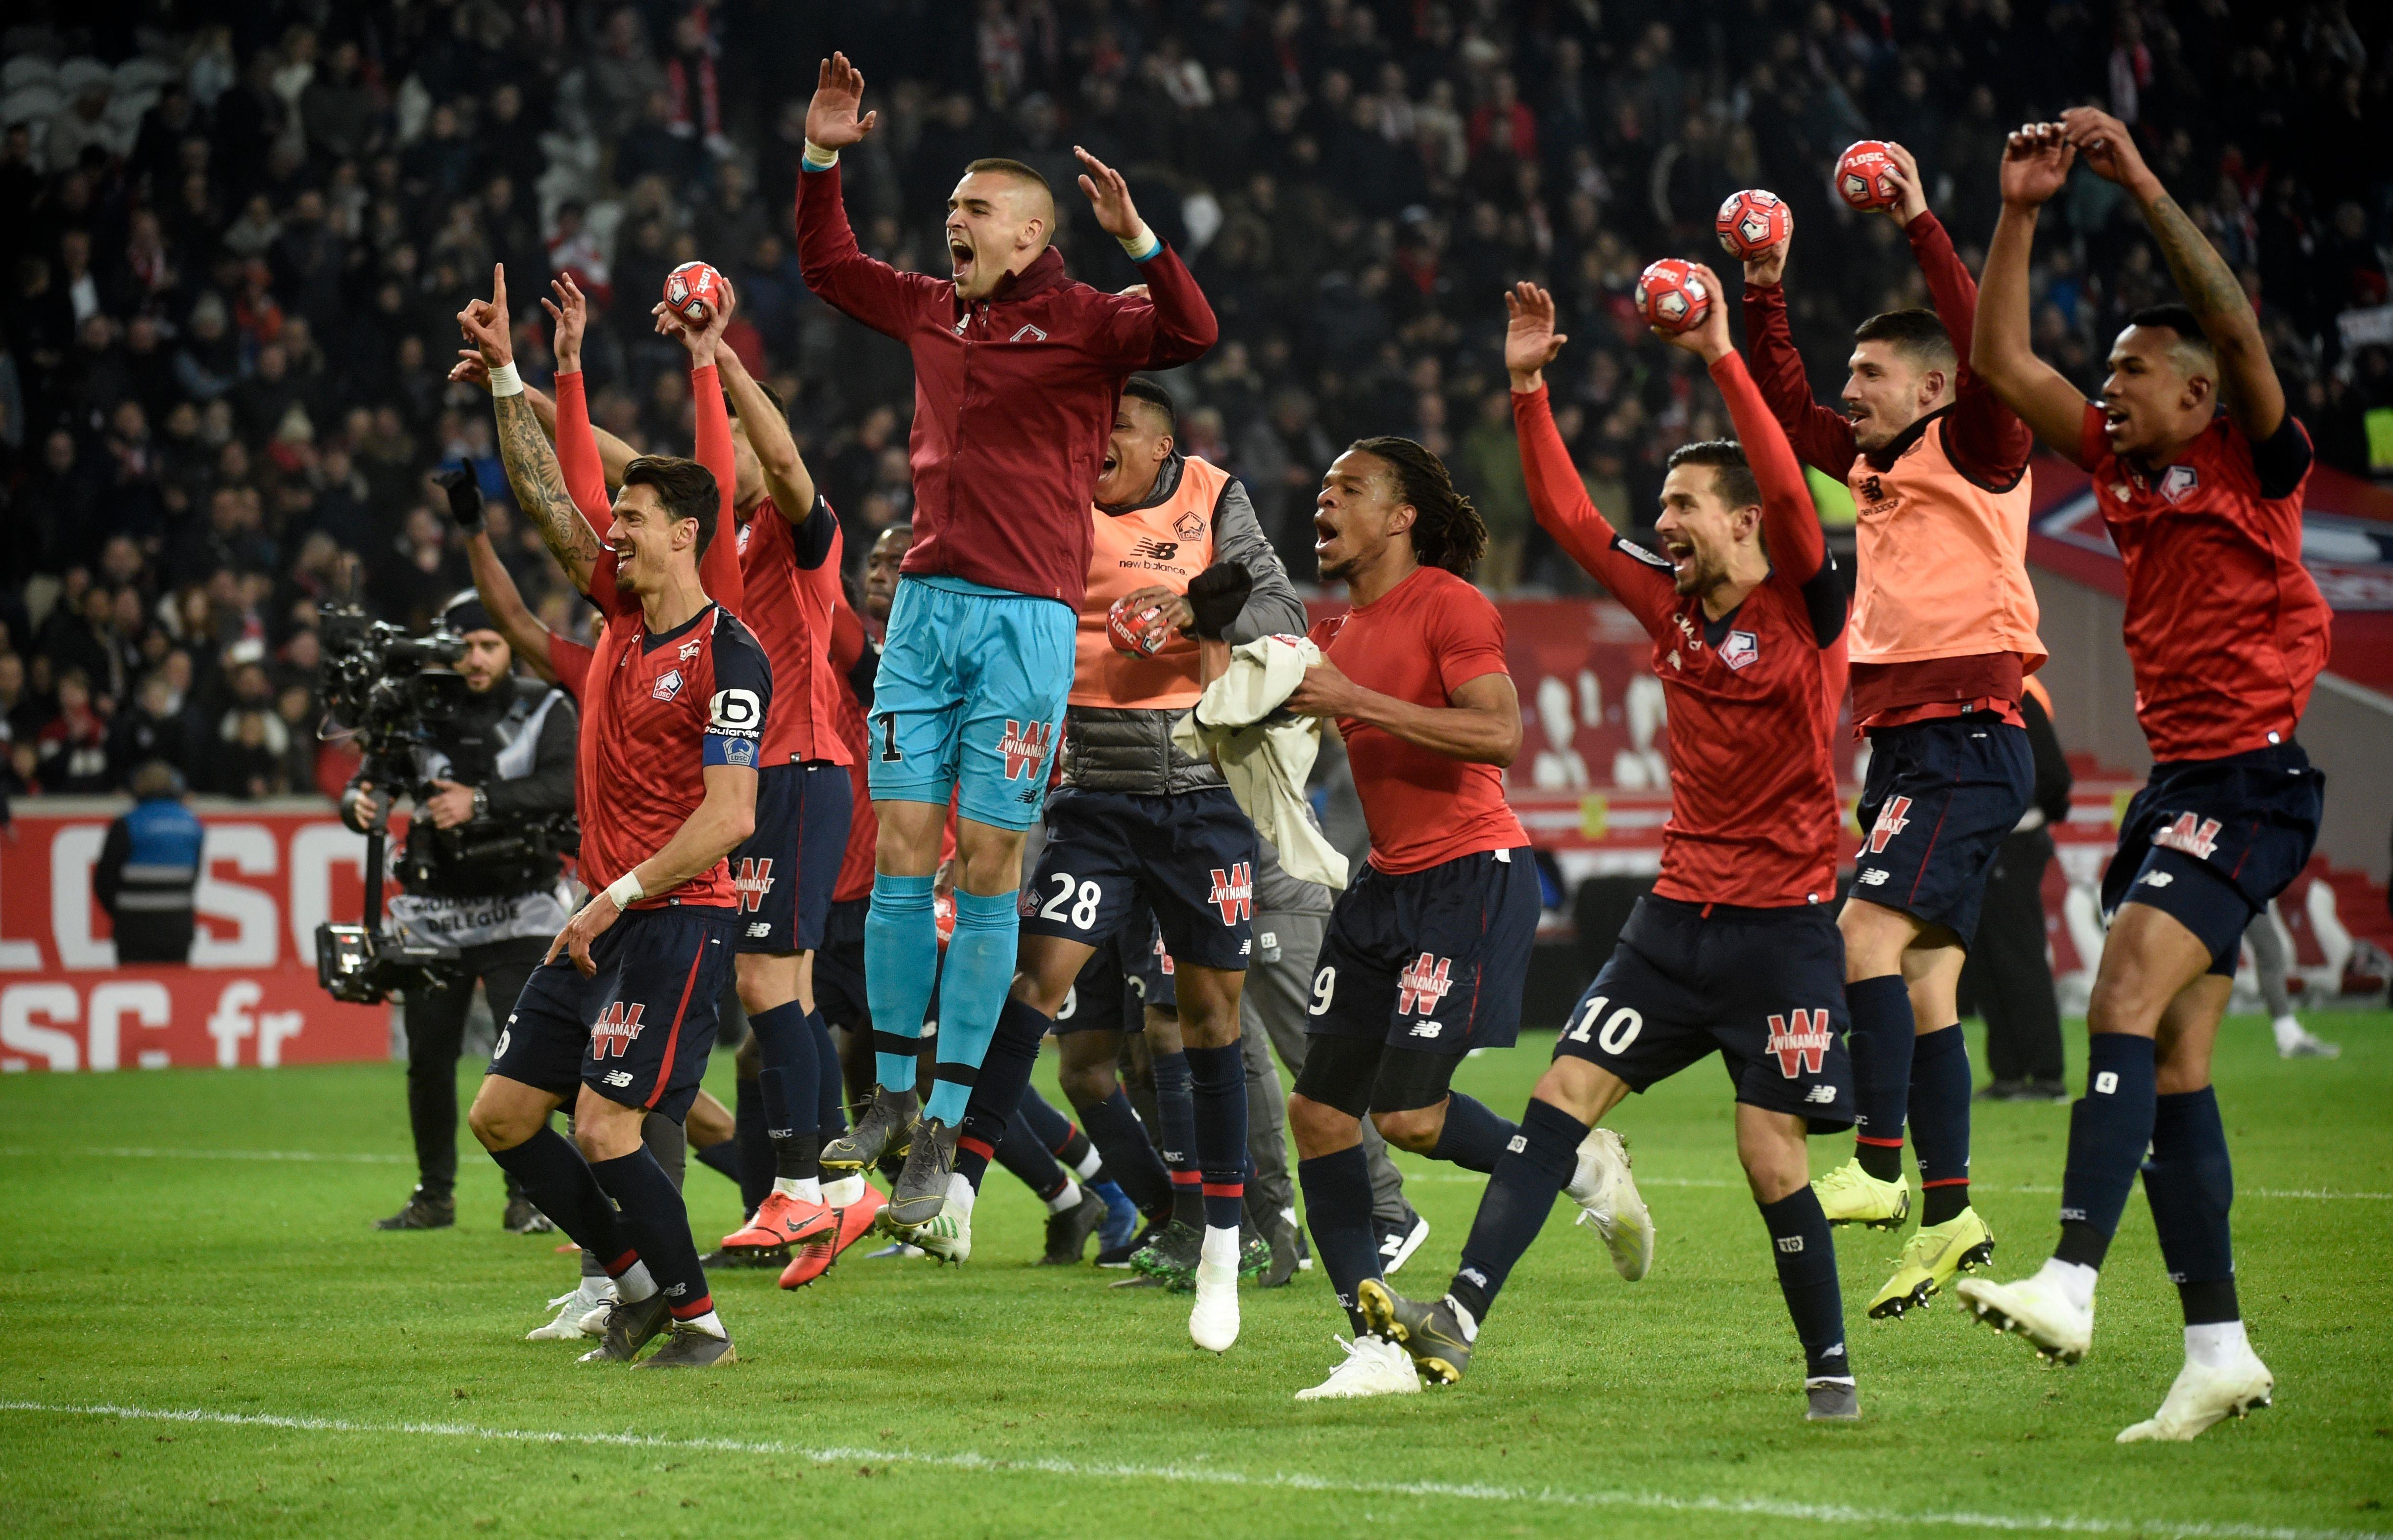 La joie des Lillois après leur carton face au PSG (5-1) en Ligue 1